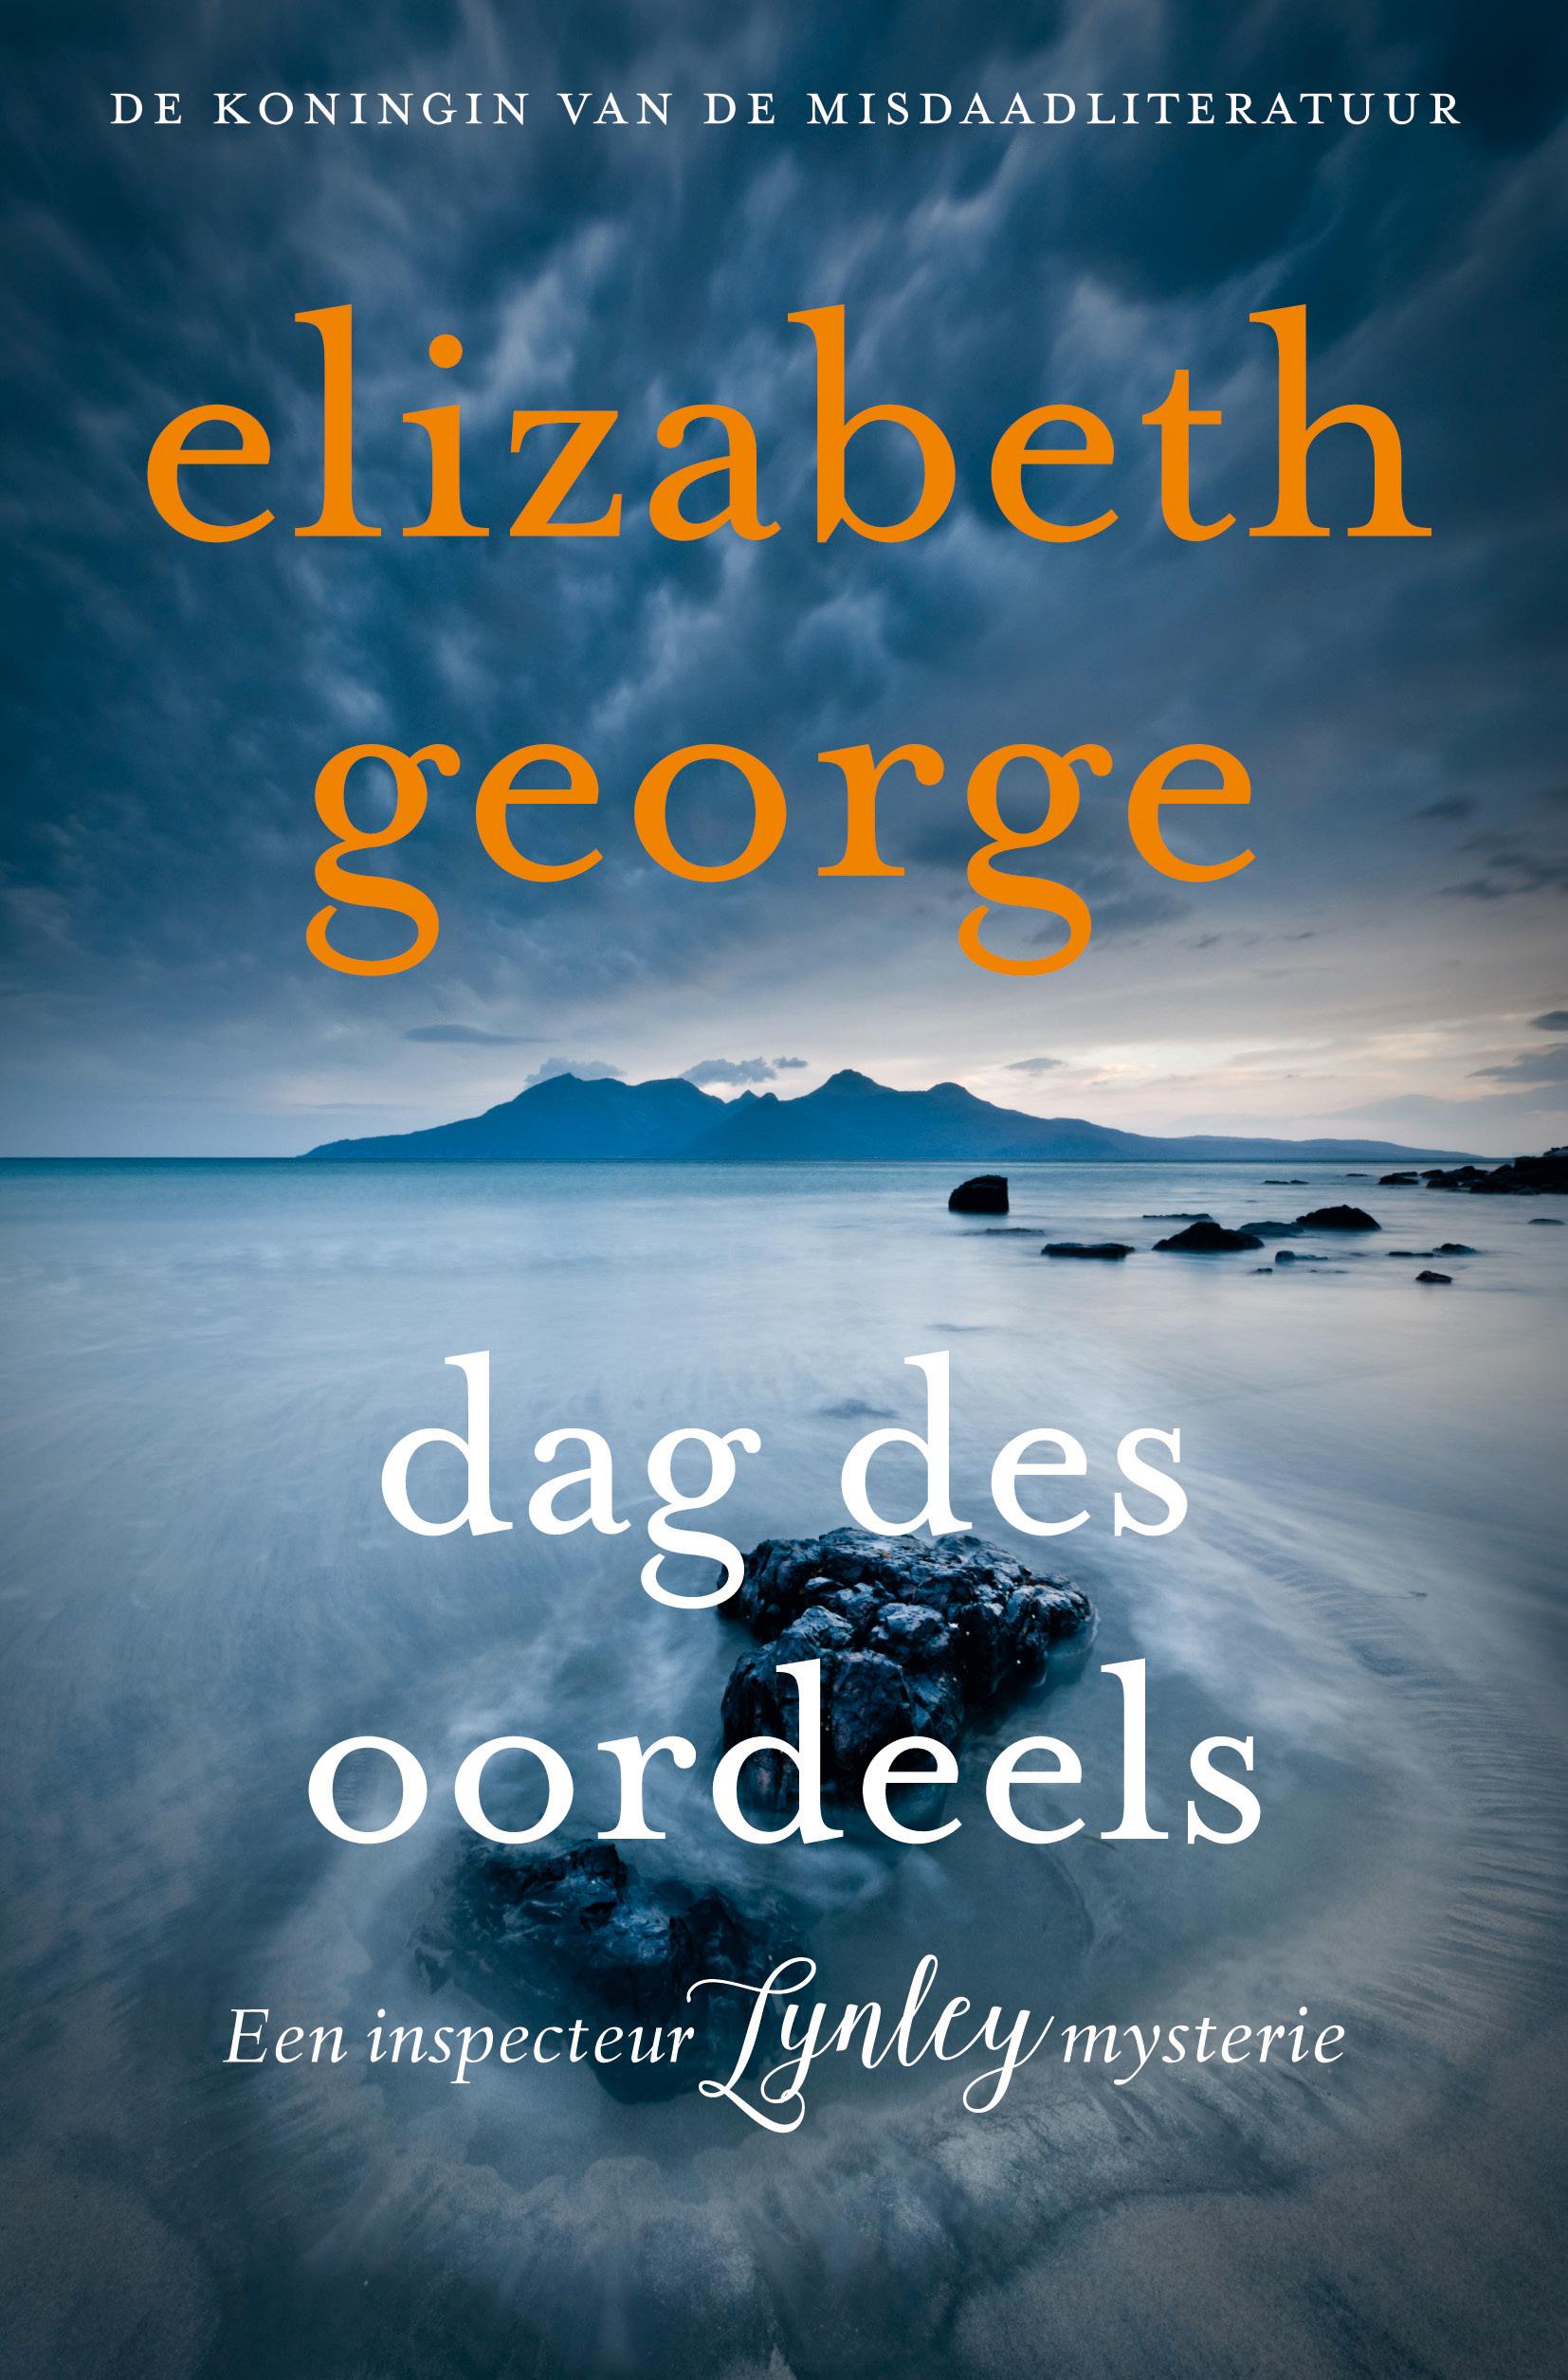 Dag des oordeels – Elizabeth George